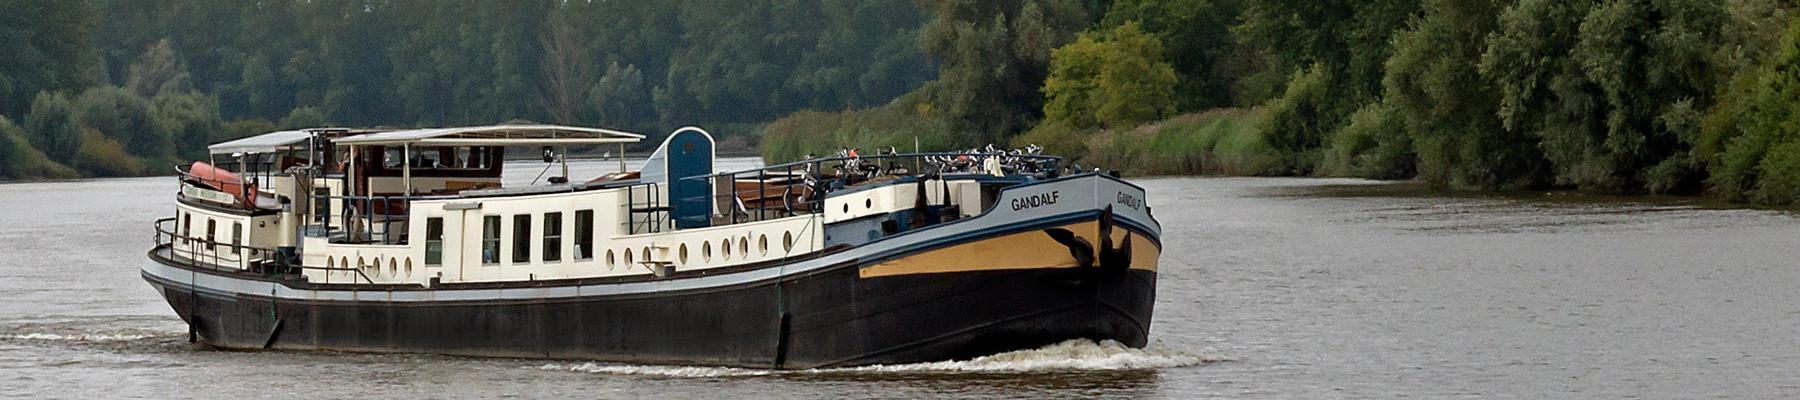 Ship-Gandalf-1